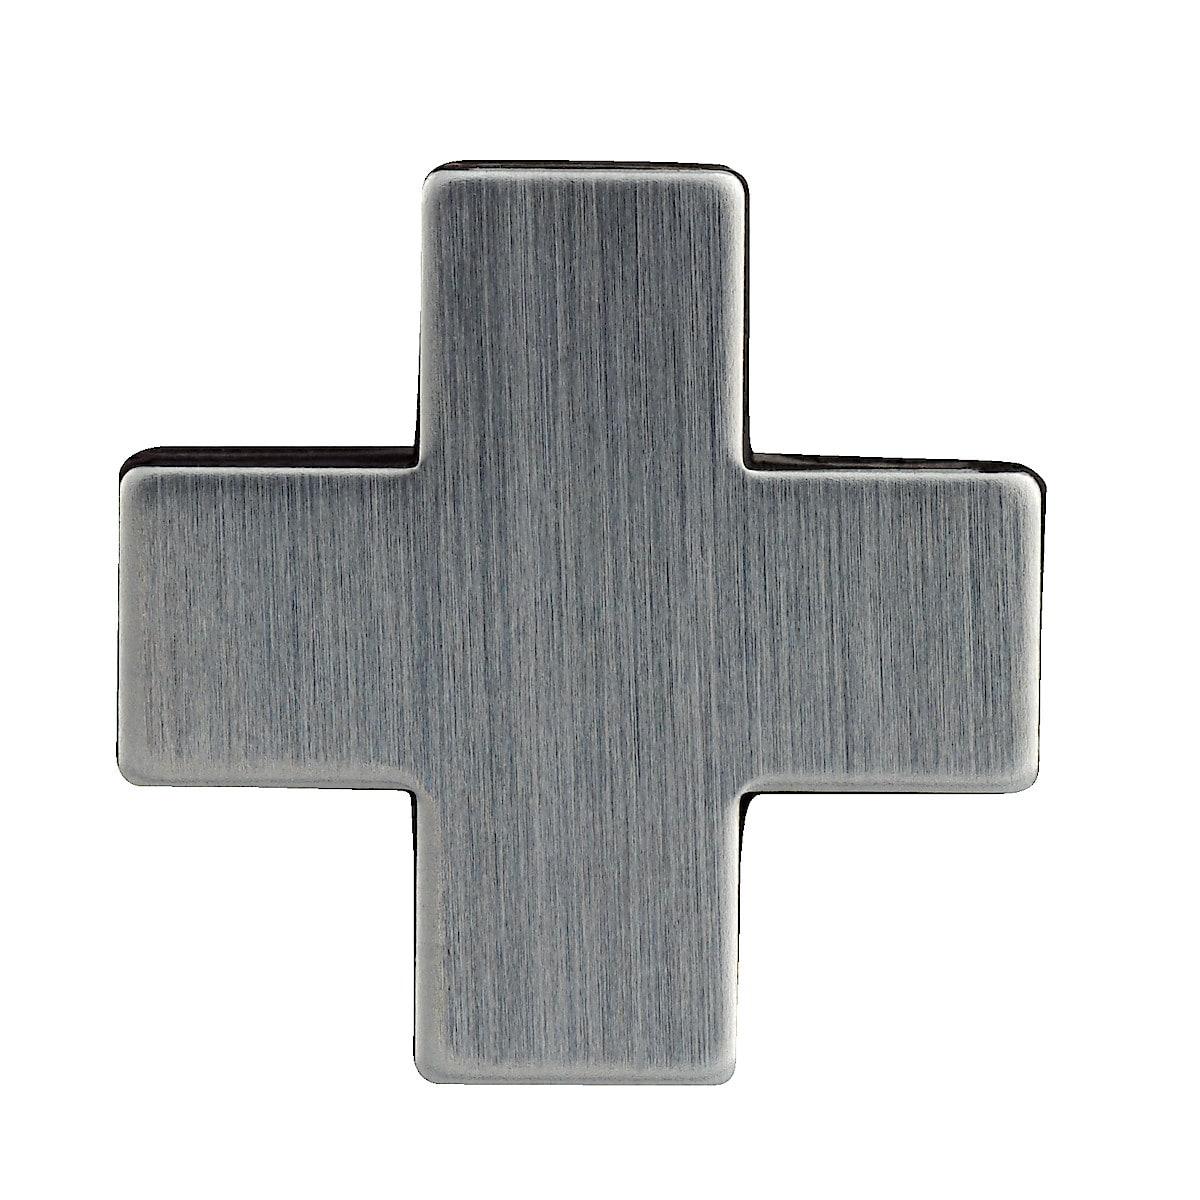 Set of 6 Heart/Cross Fridge Magnets